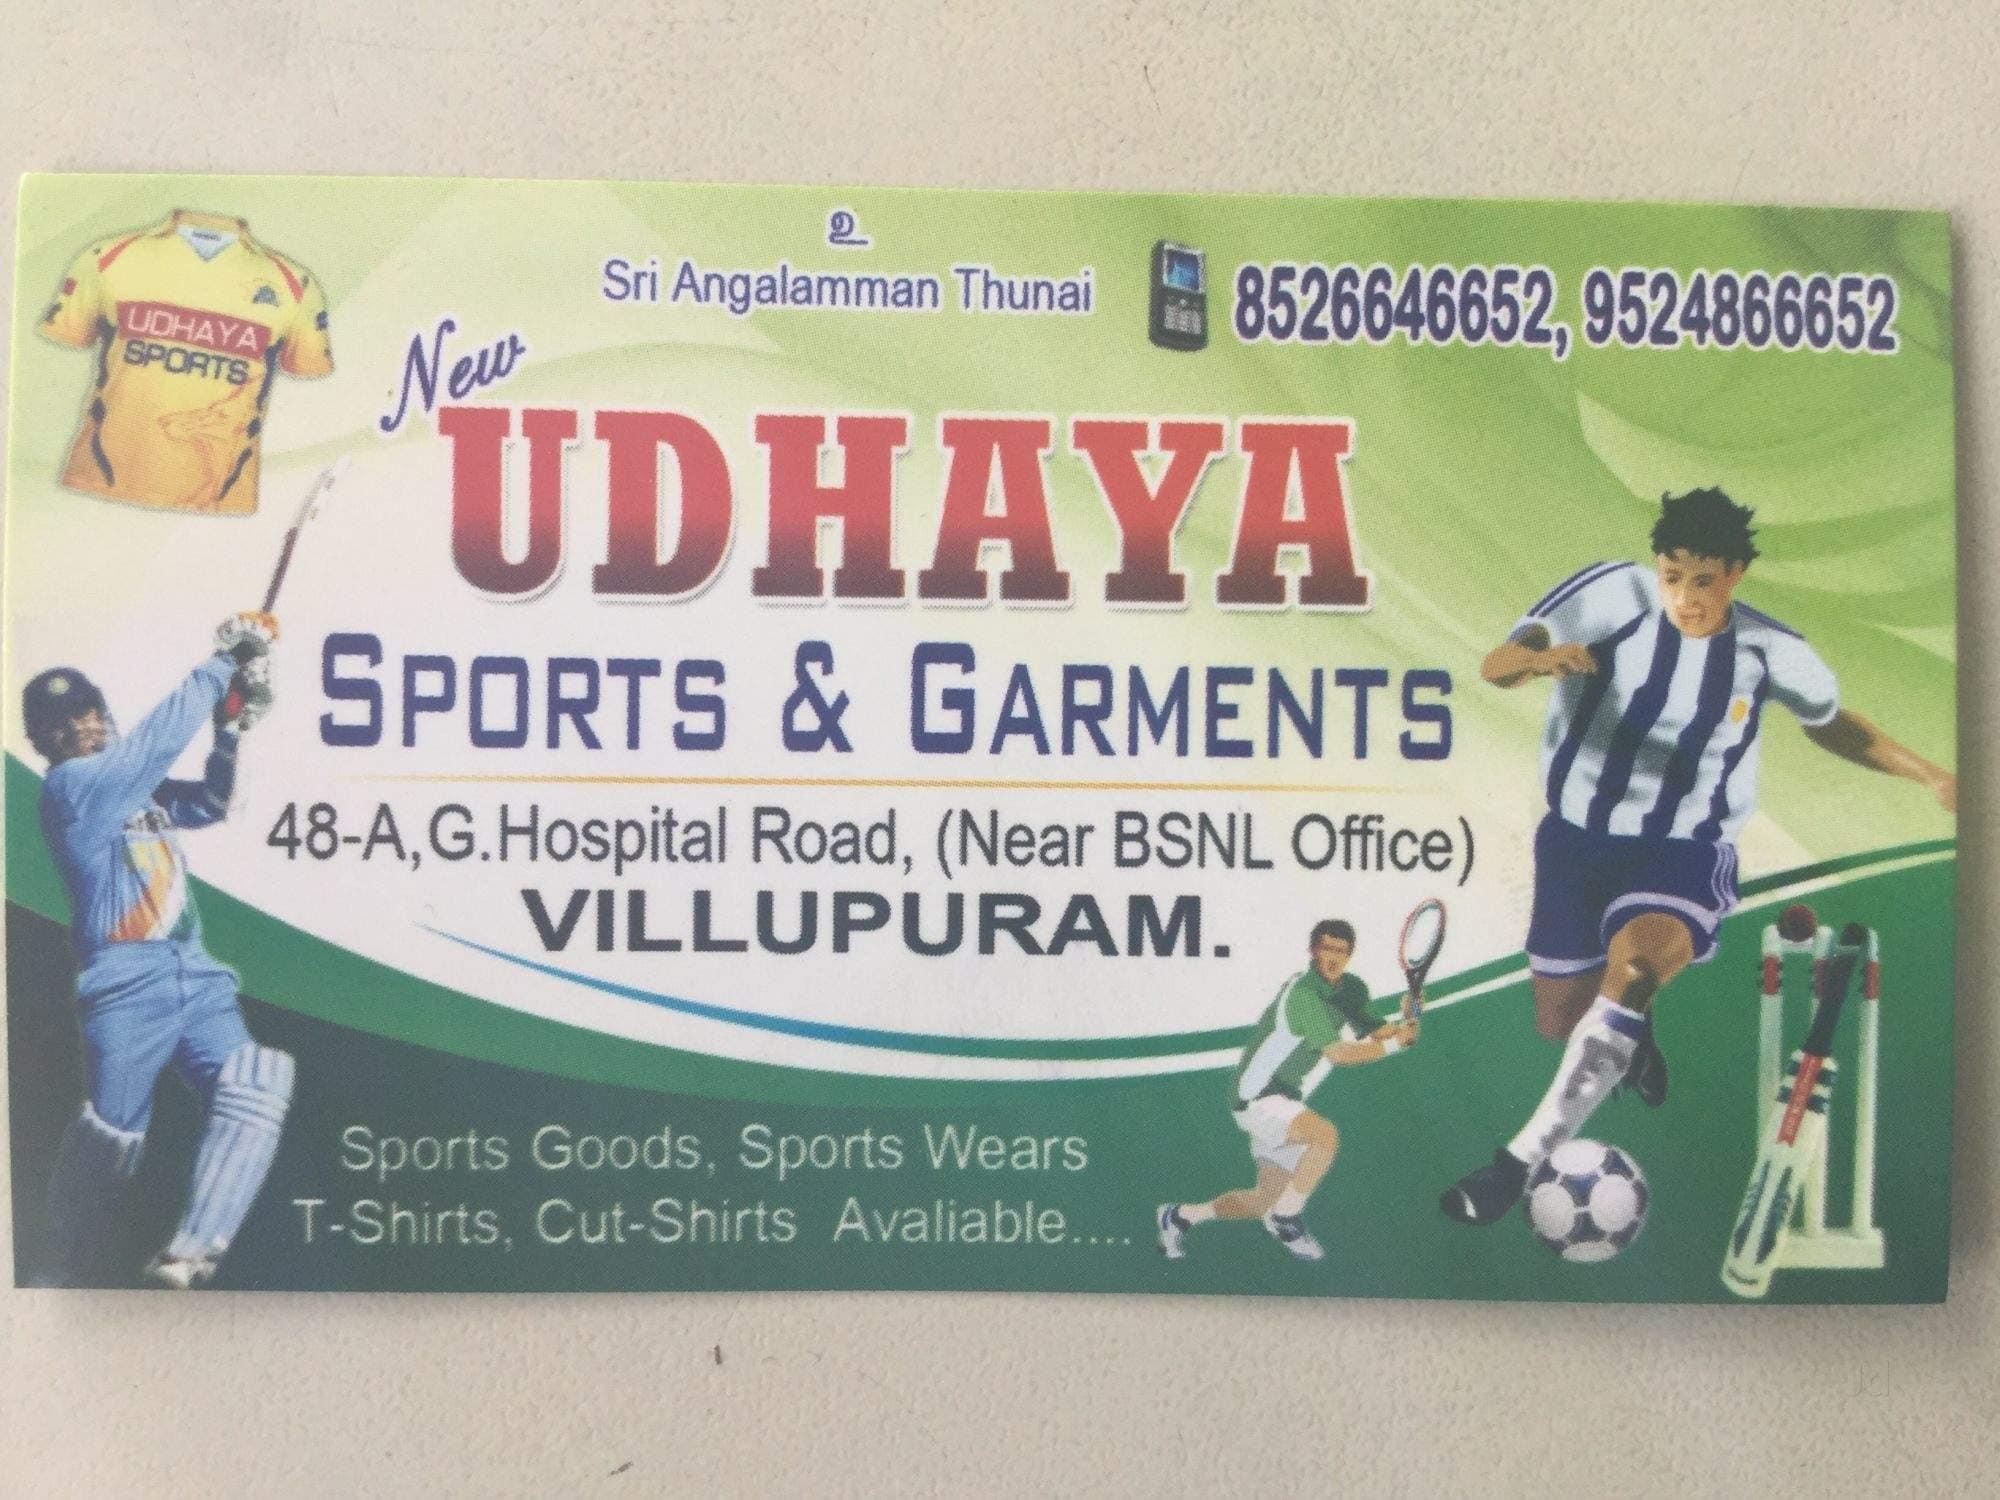 Top Sportswear Manufacturers in Villupuram - Best Sports